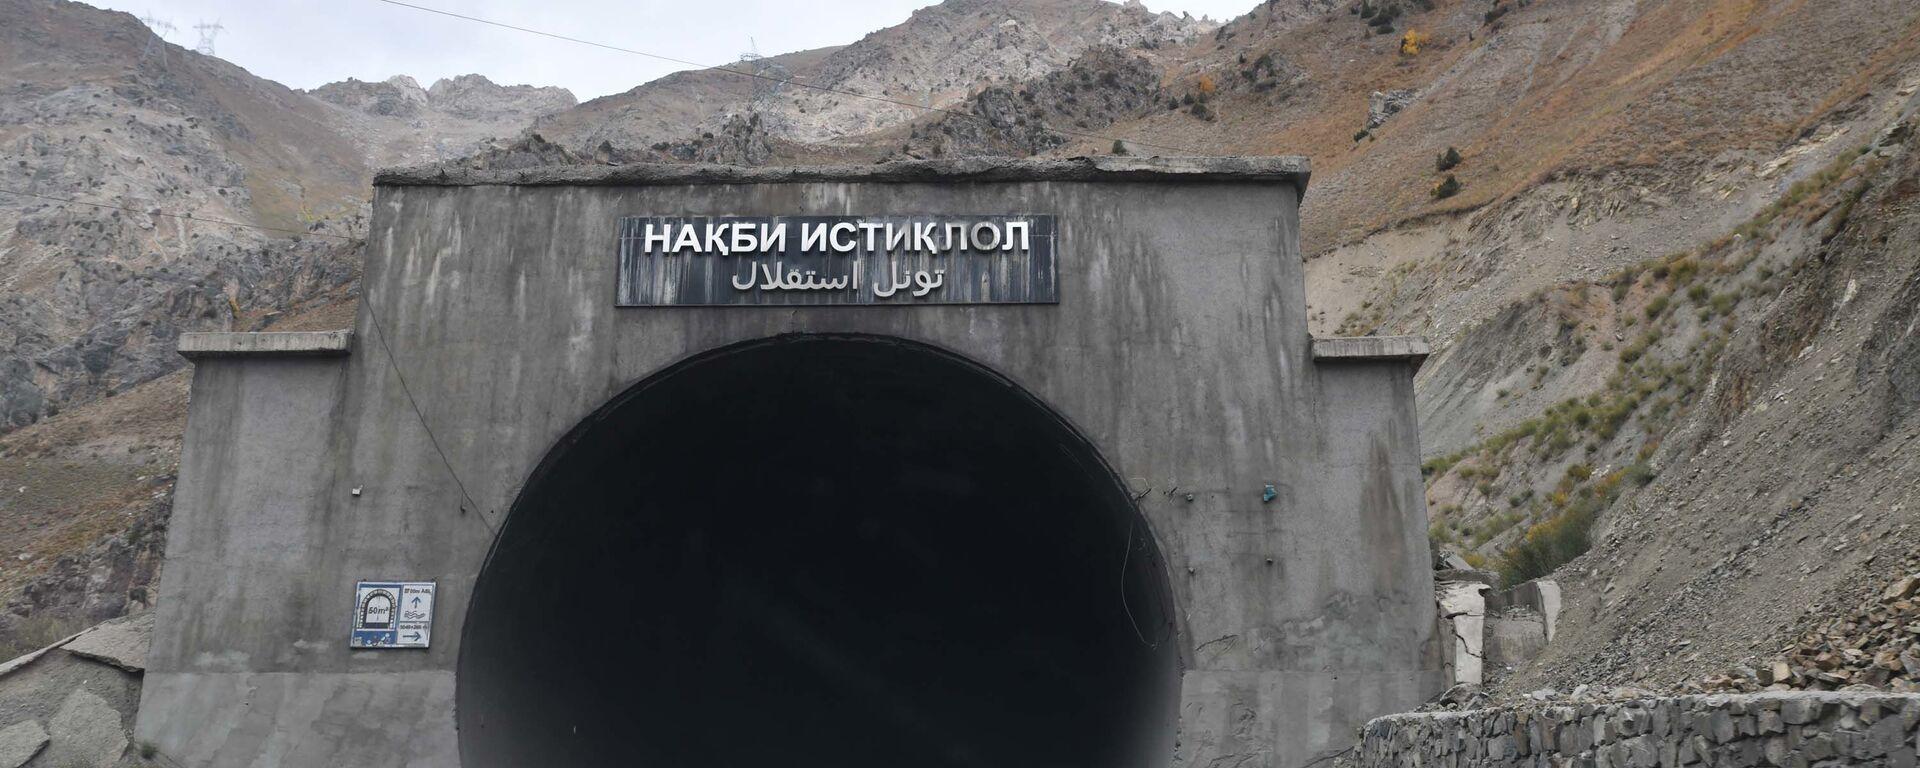 Тоннель Истиклол, архивное фото - Sputnik Тоҷикистон, 1920, 31.03.2021